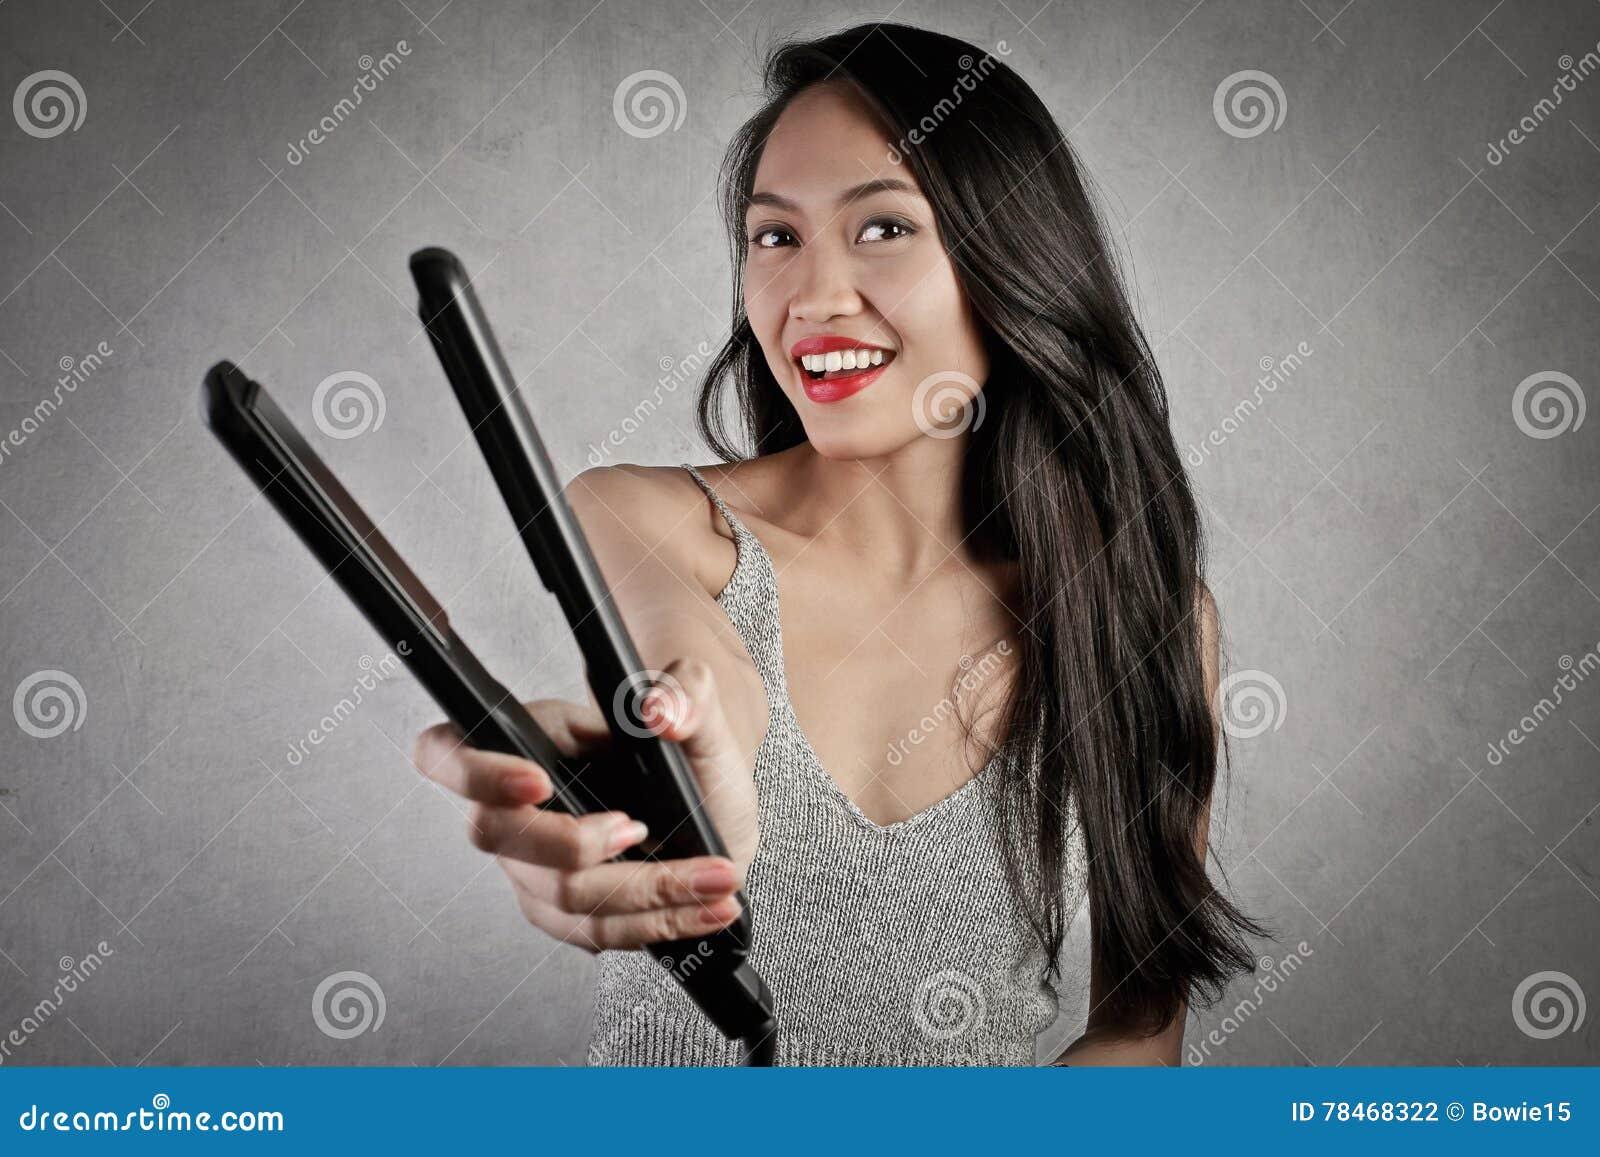 Seu straitener favorito do cabelo